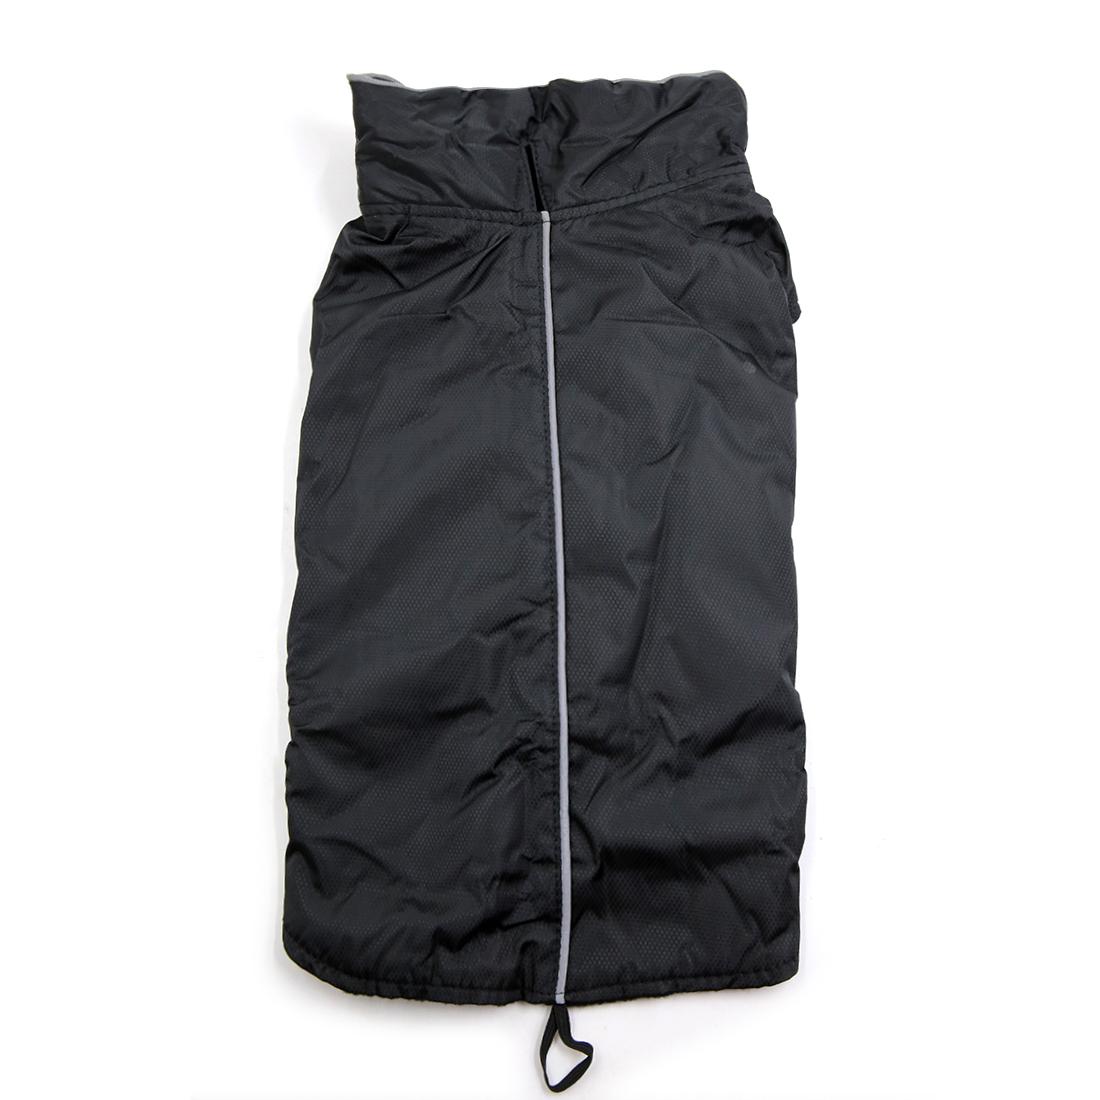 Reflective Vest Jacket Clothes Soft Warm Fleece Lining Dog Coat Clothing Black XS